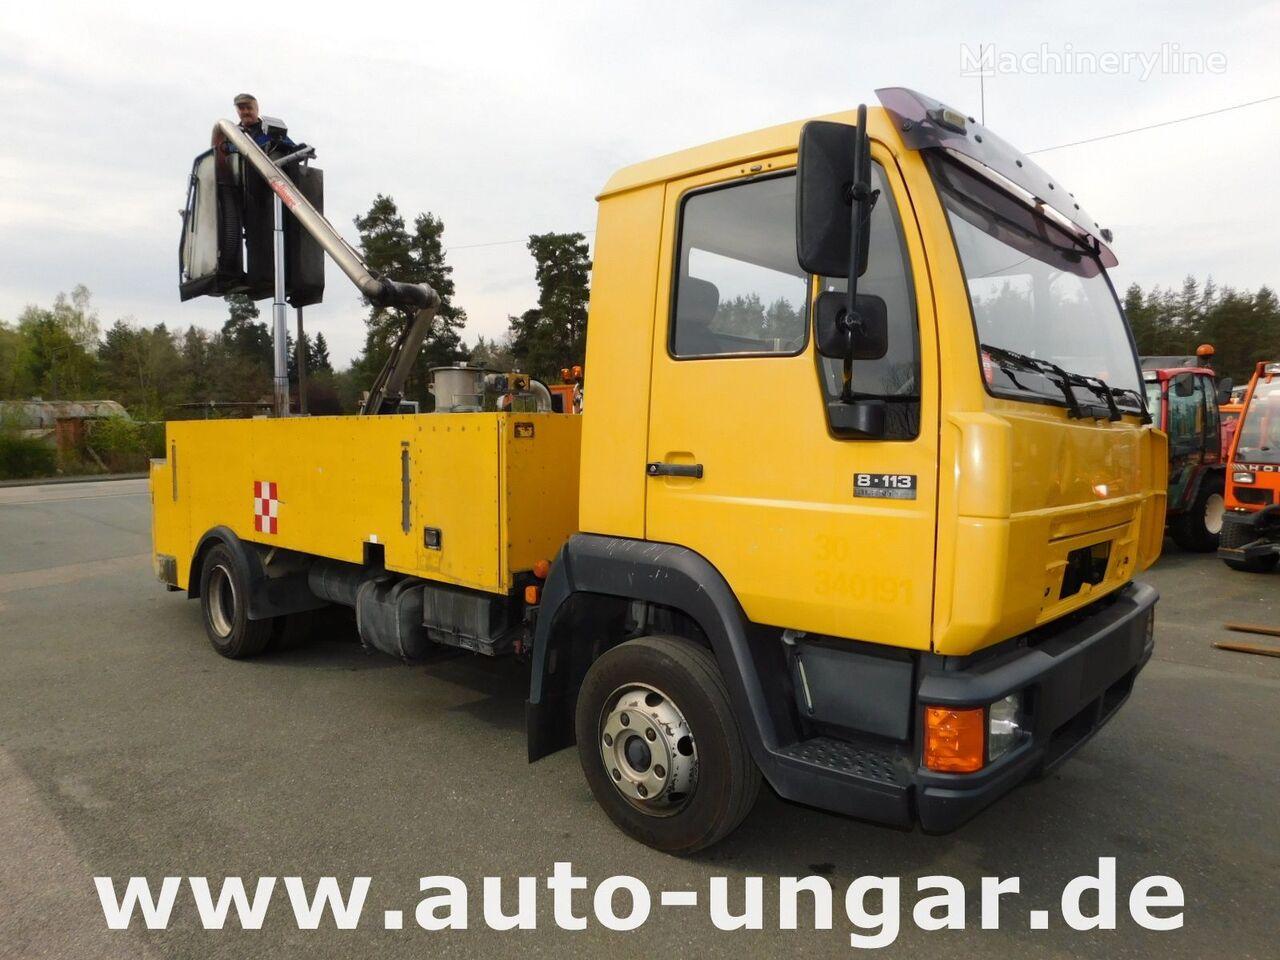 MAN 8.113 Zellinger S85 other airport equipment